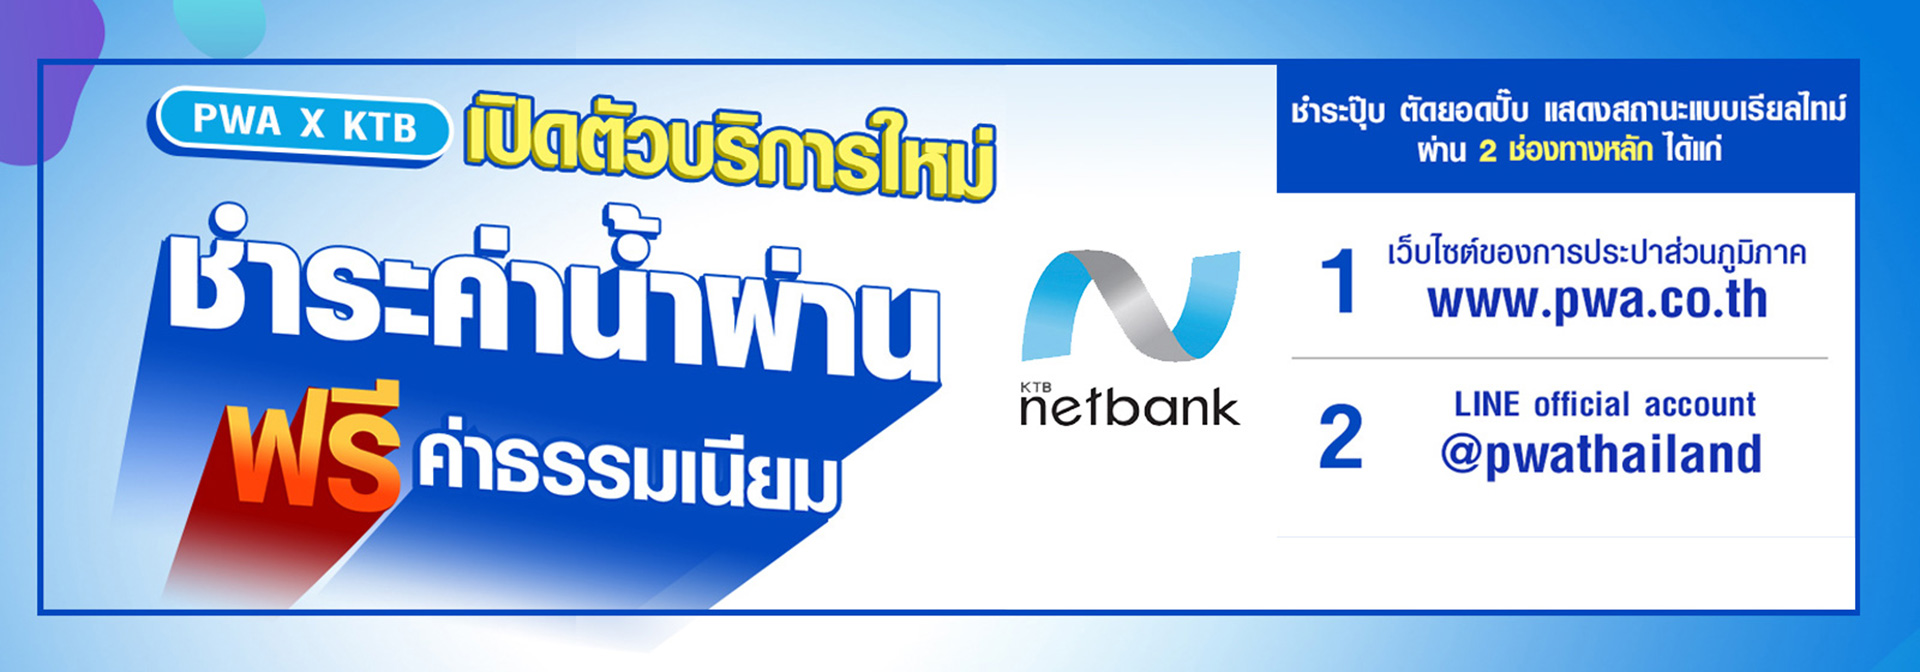 PWA x KTB เปิดตัวบริการใหม่ Page-2-Page ชำระค่าน้ำผ่าน KTB Netbank แบบเรียลไทม